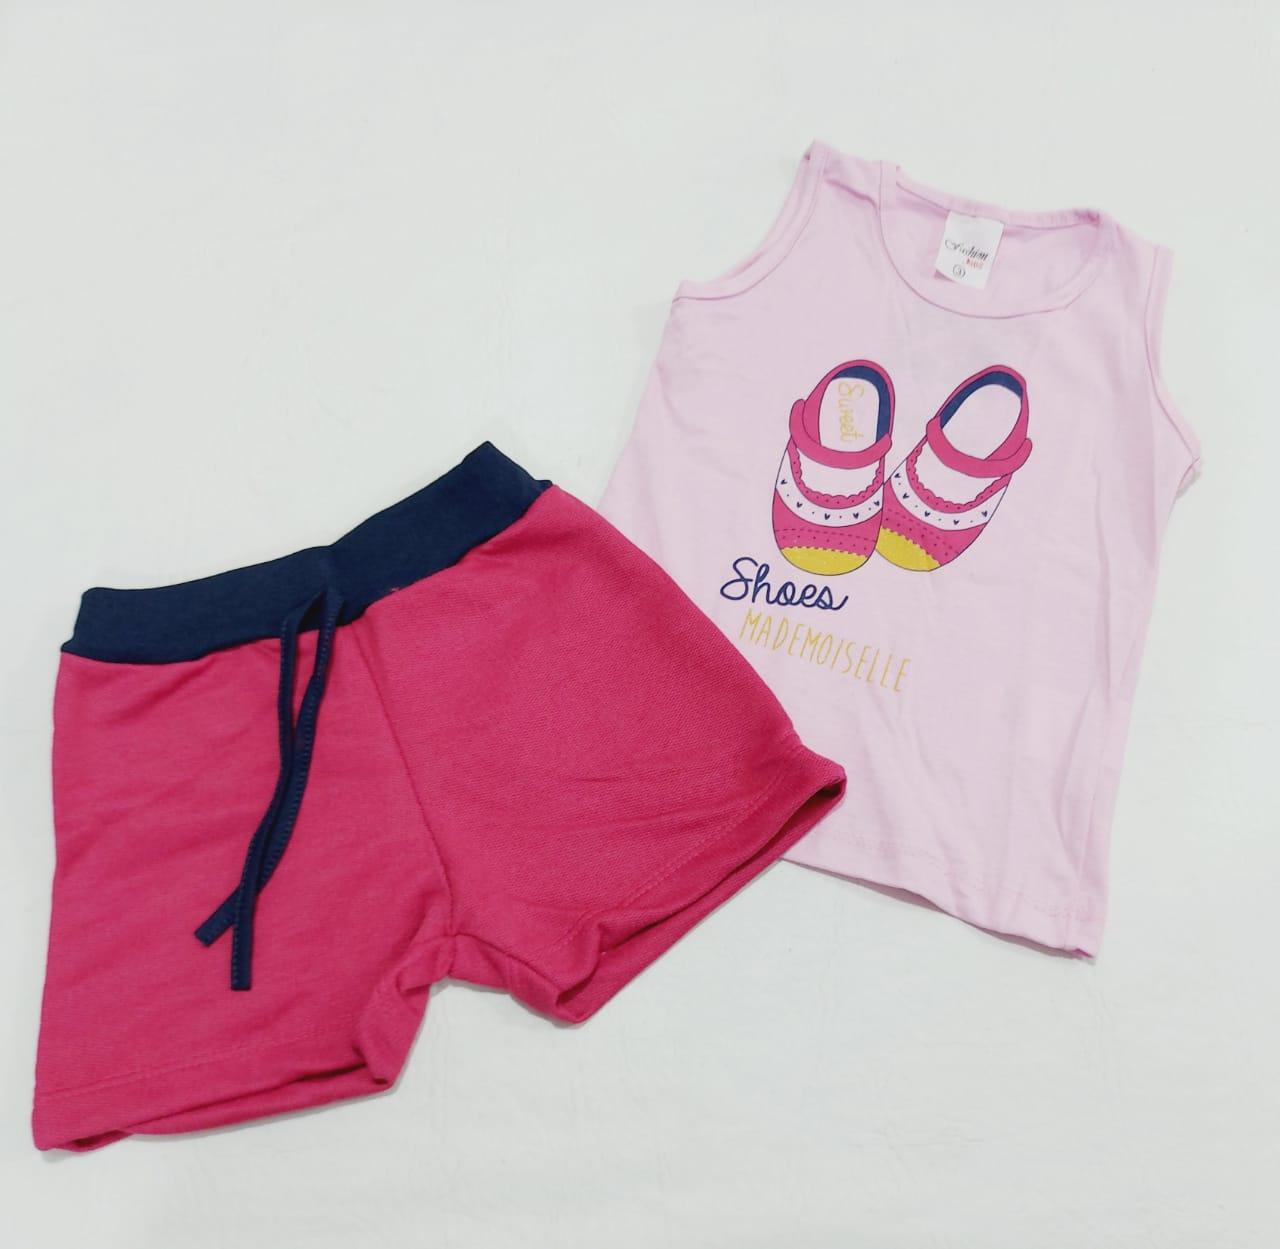 Conjunto Verão Bailarina Rosa - Camisa Regata E Shorts - 02 Peças - 3 Anos - Fashion Kids